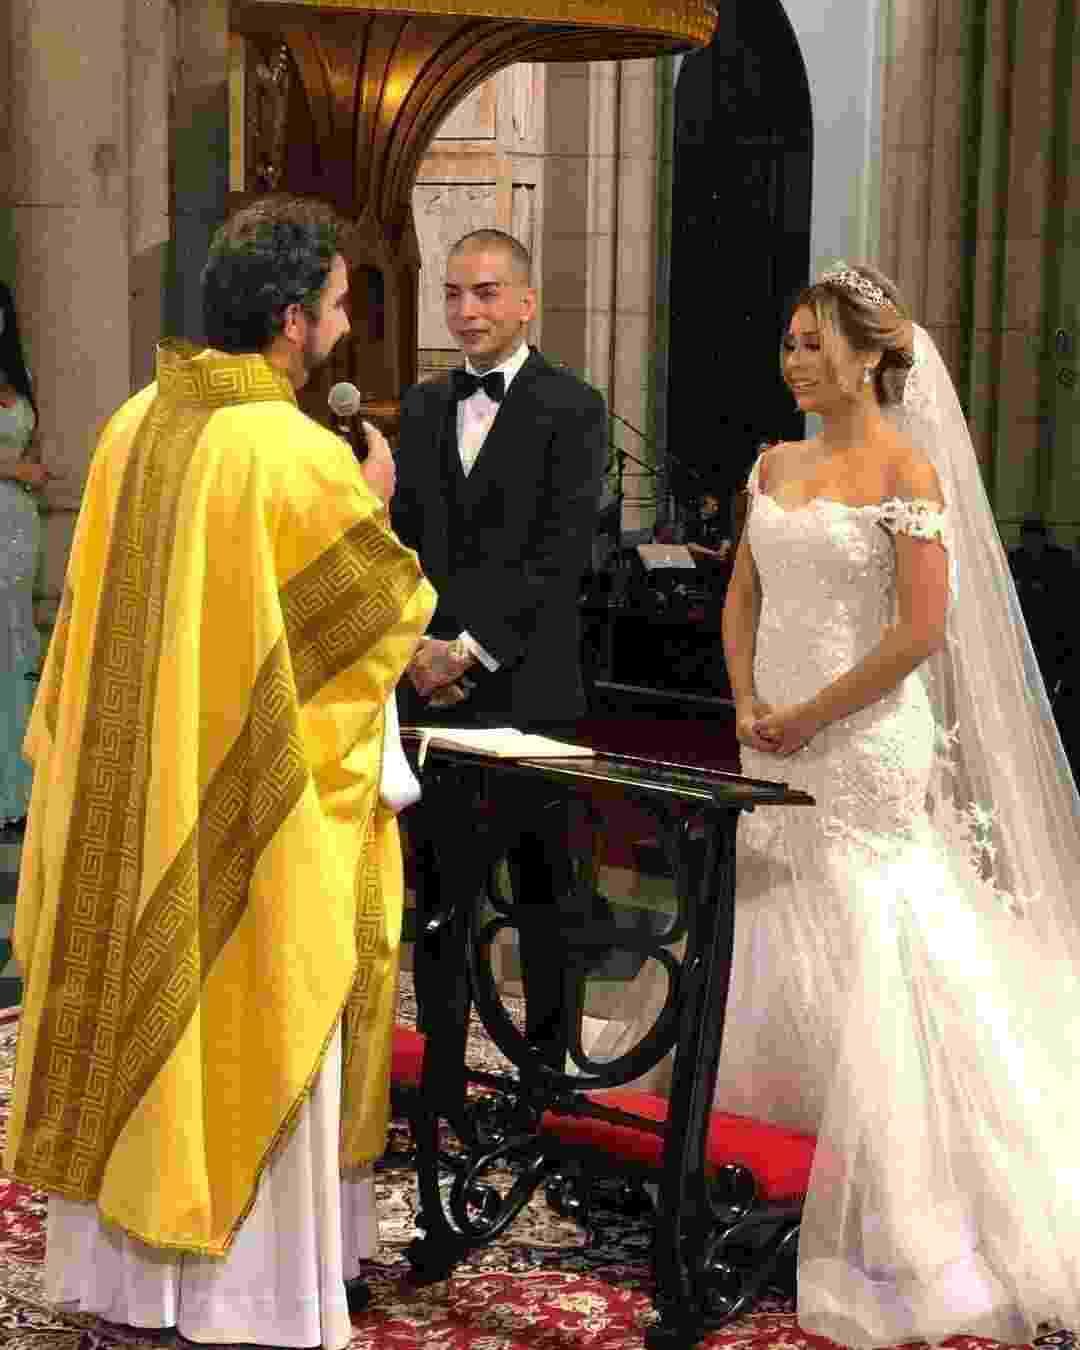 Lexa emocionada durante a cerimônia de seu casamento com Guimê, realizado pelo padre Fábio de Melo - Reprodução/Instagram